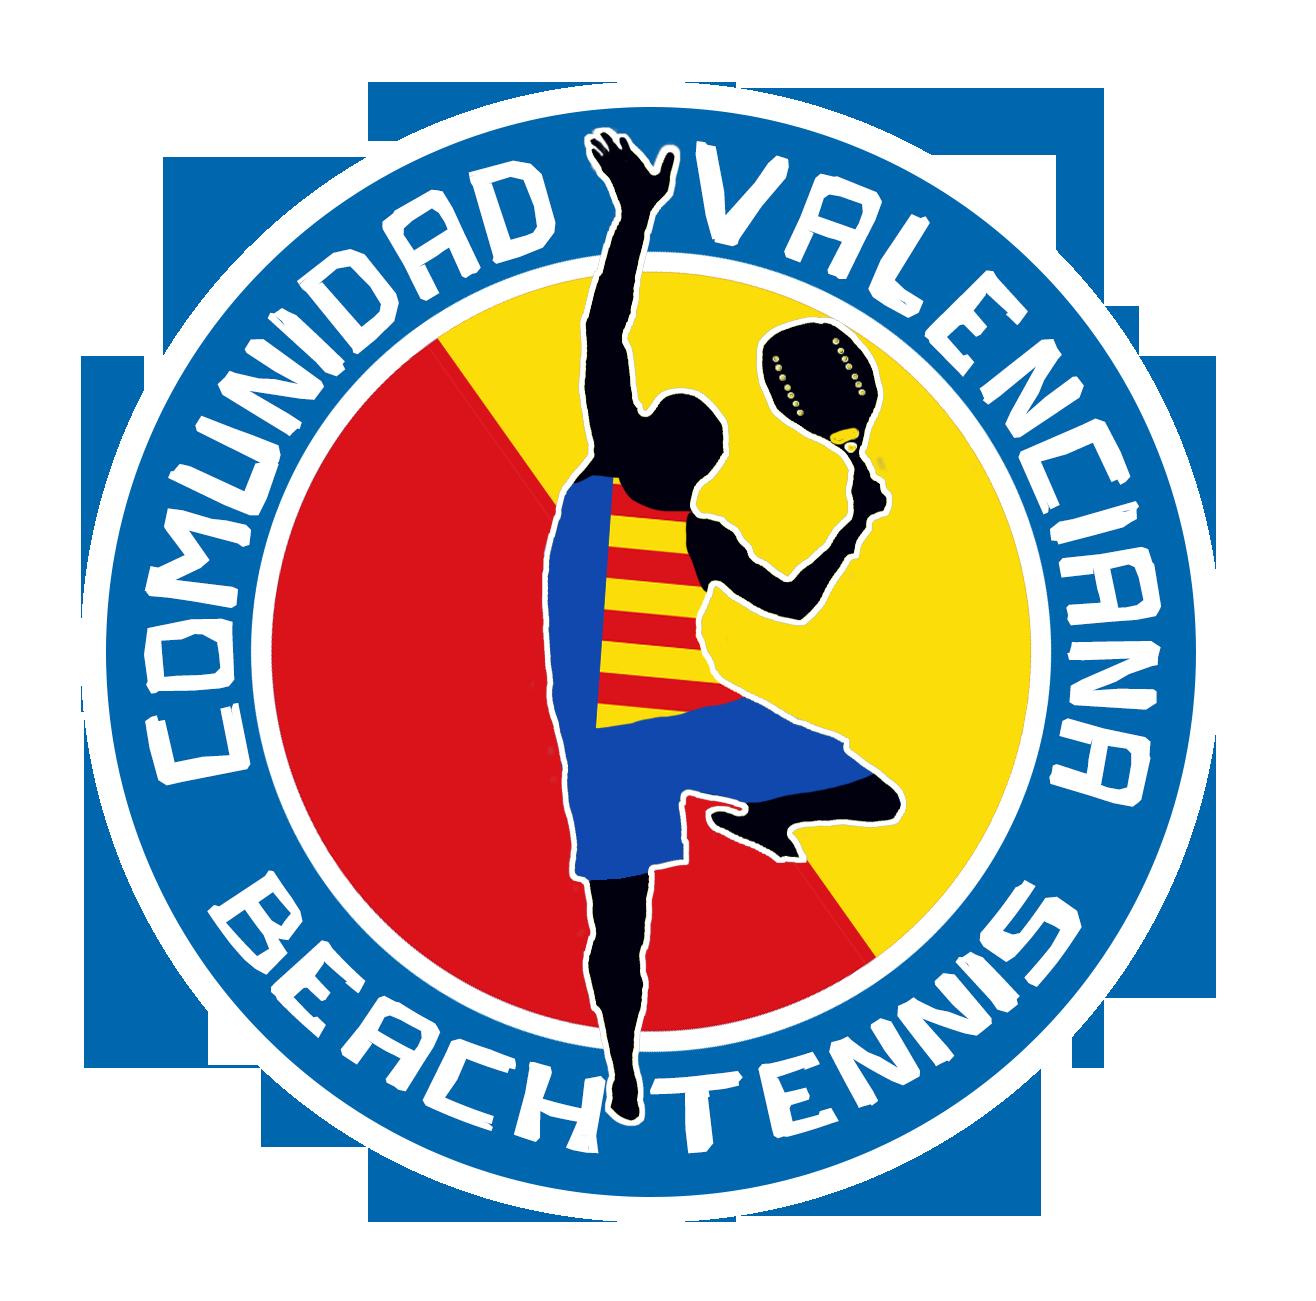 BEACH TENNIS COMUNIDAD VALENCIANA